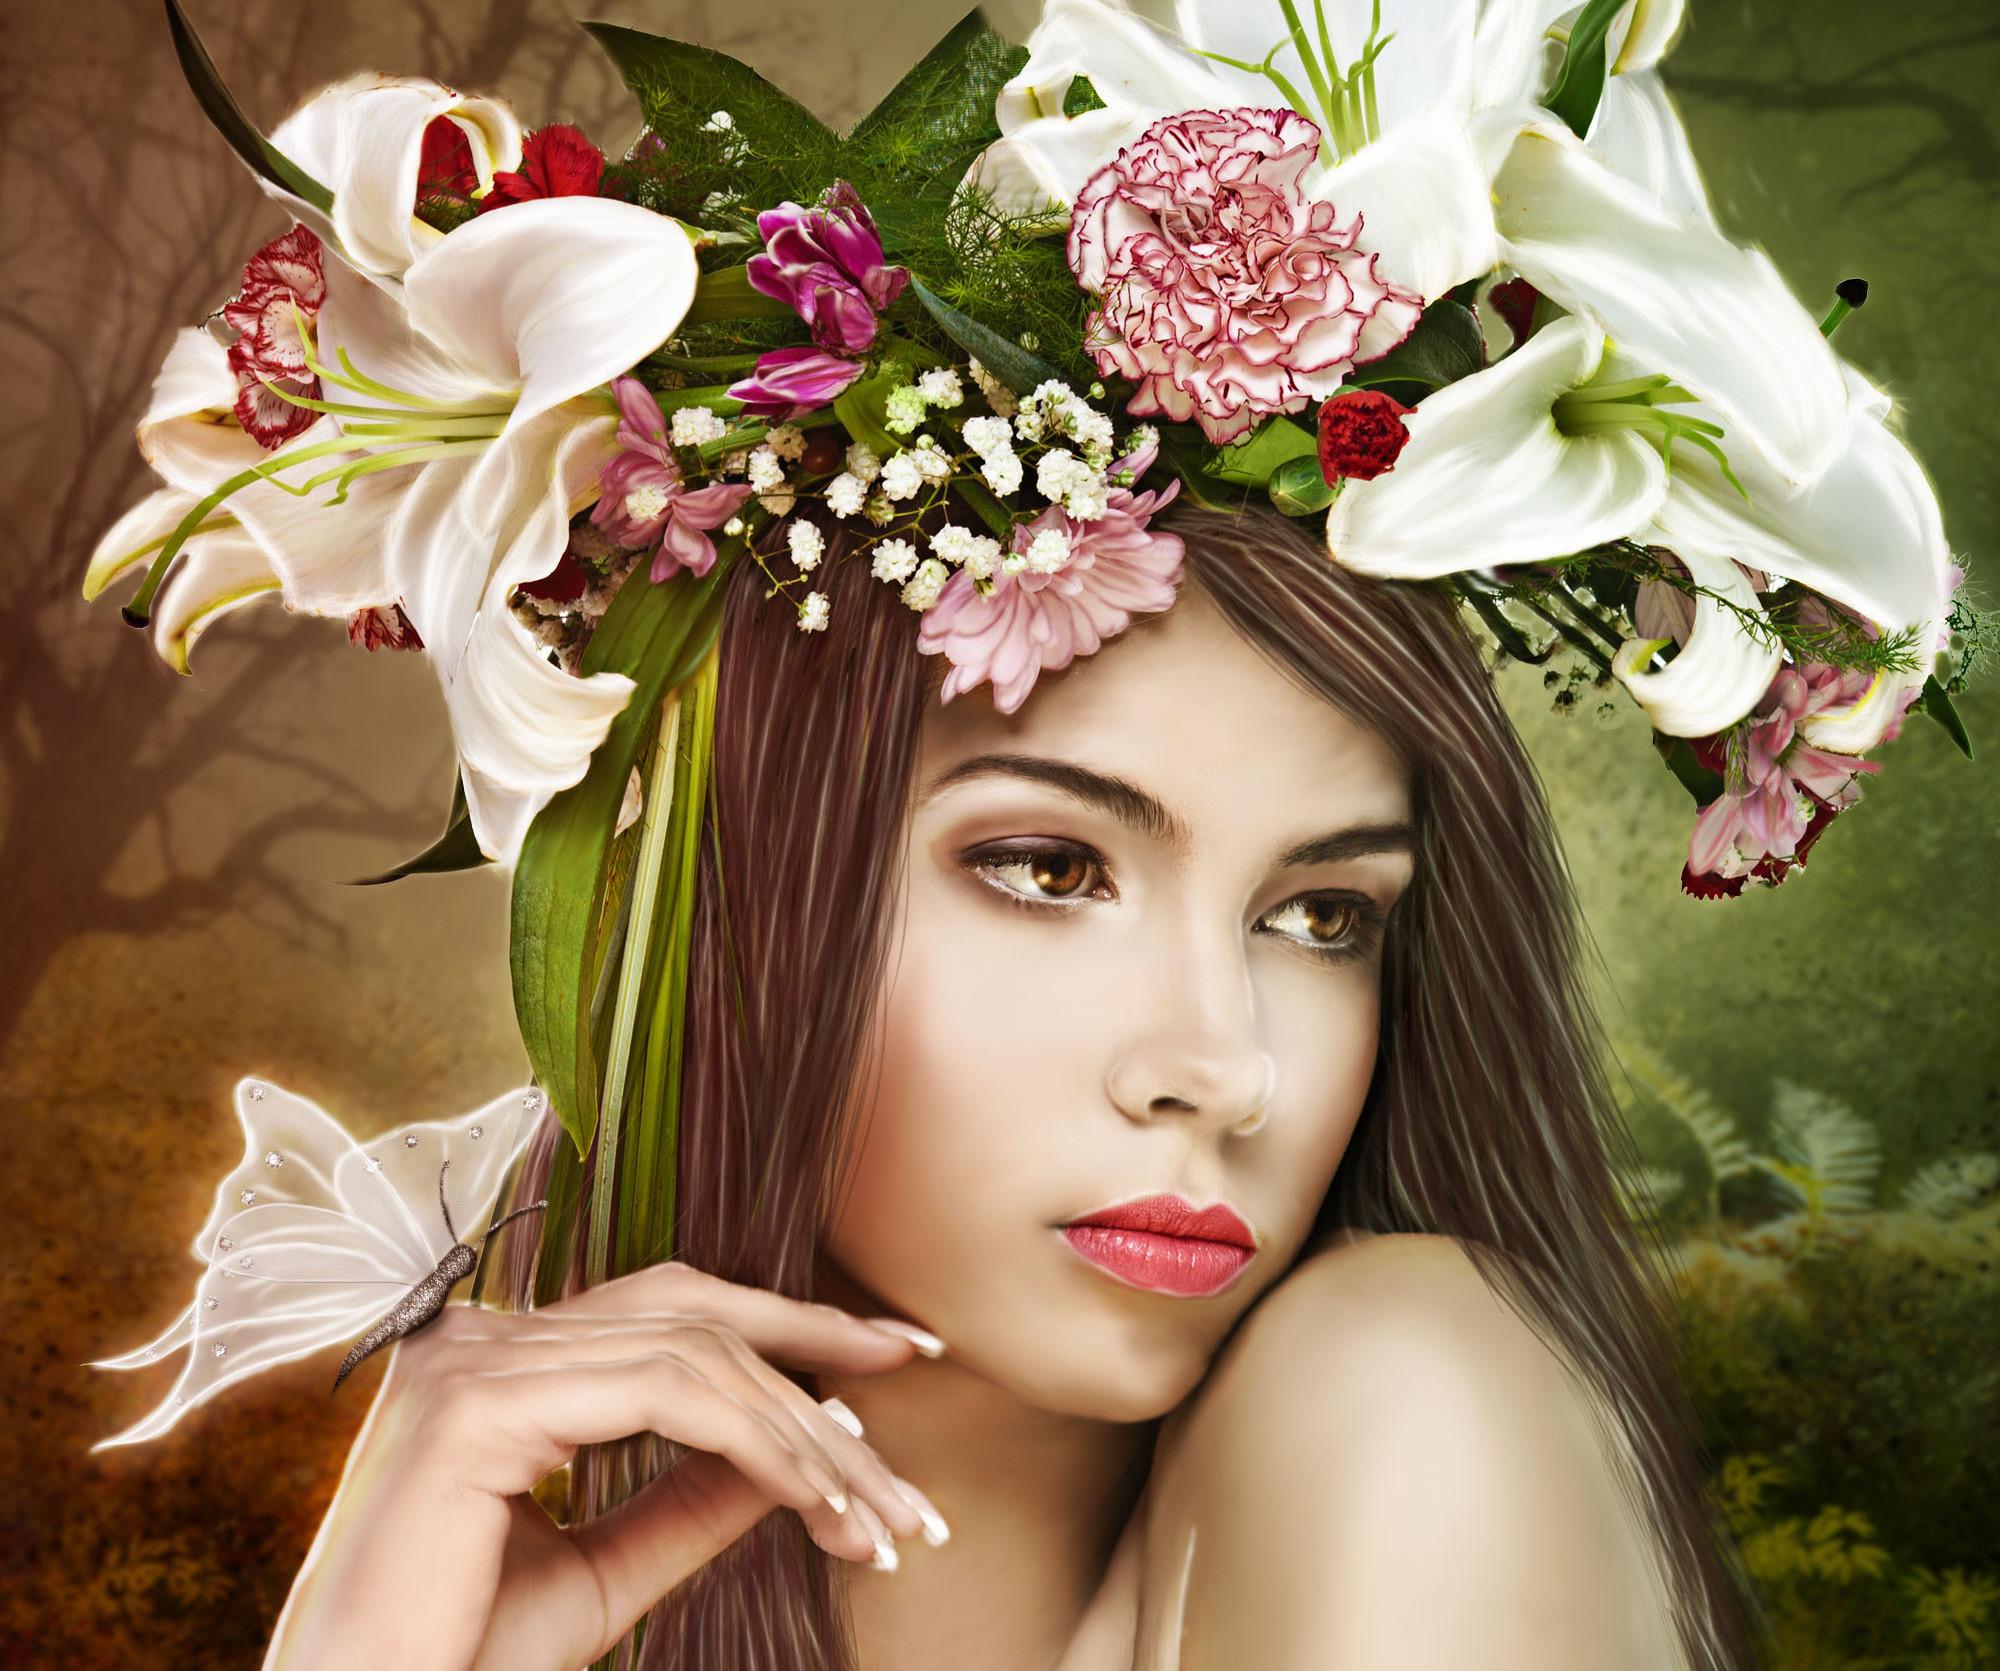 Портрет девушка с цветами